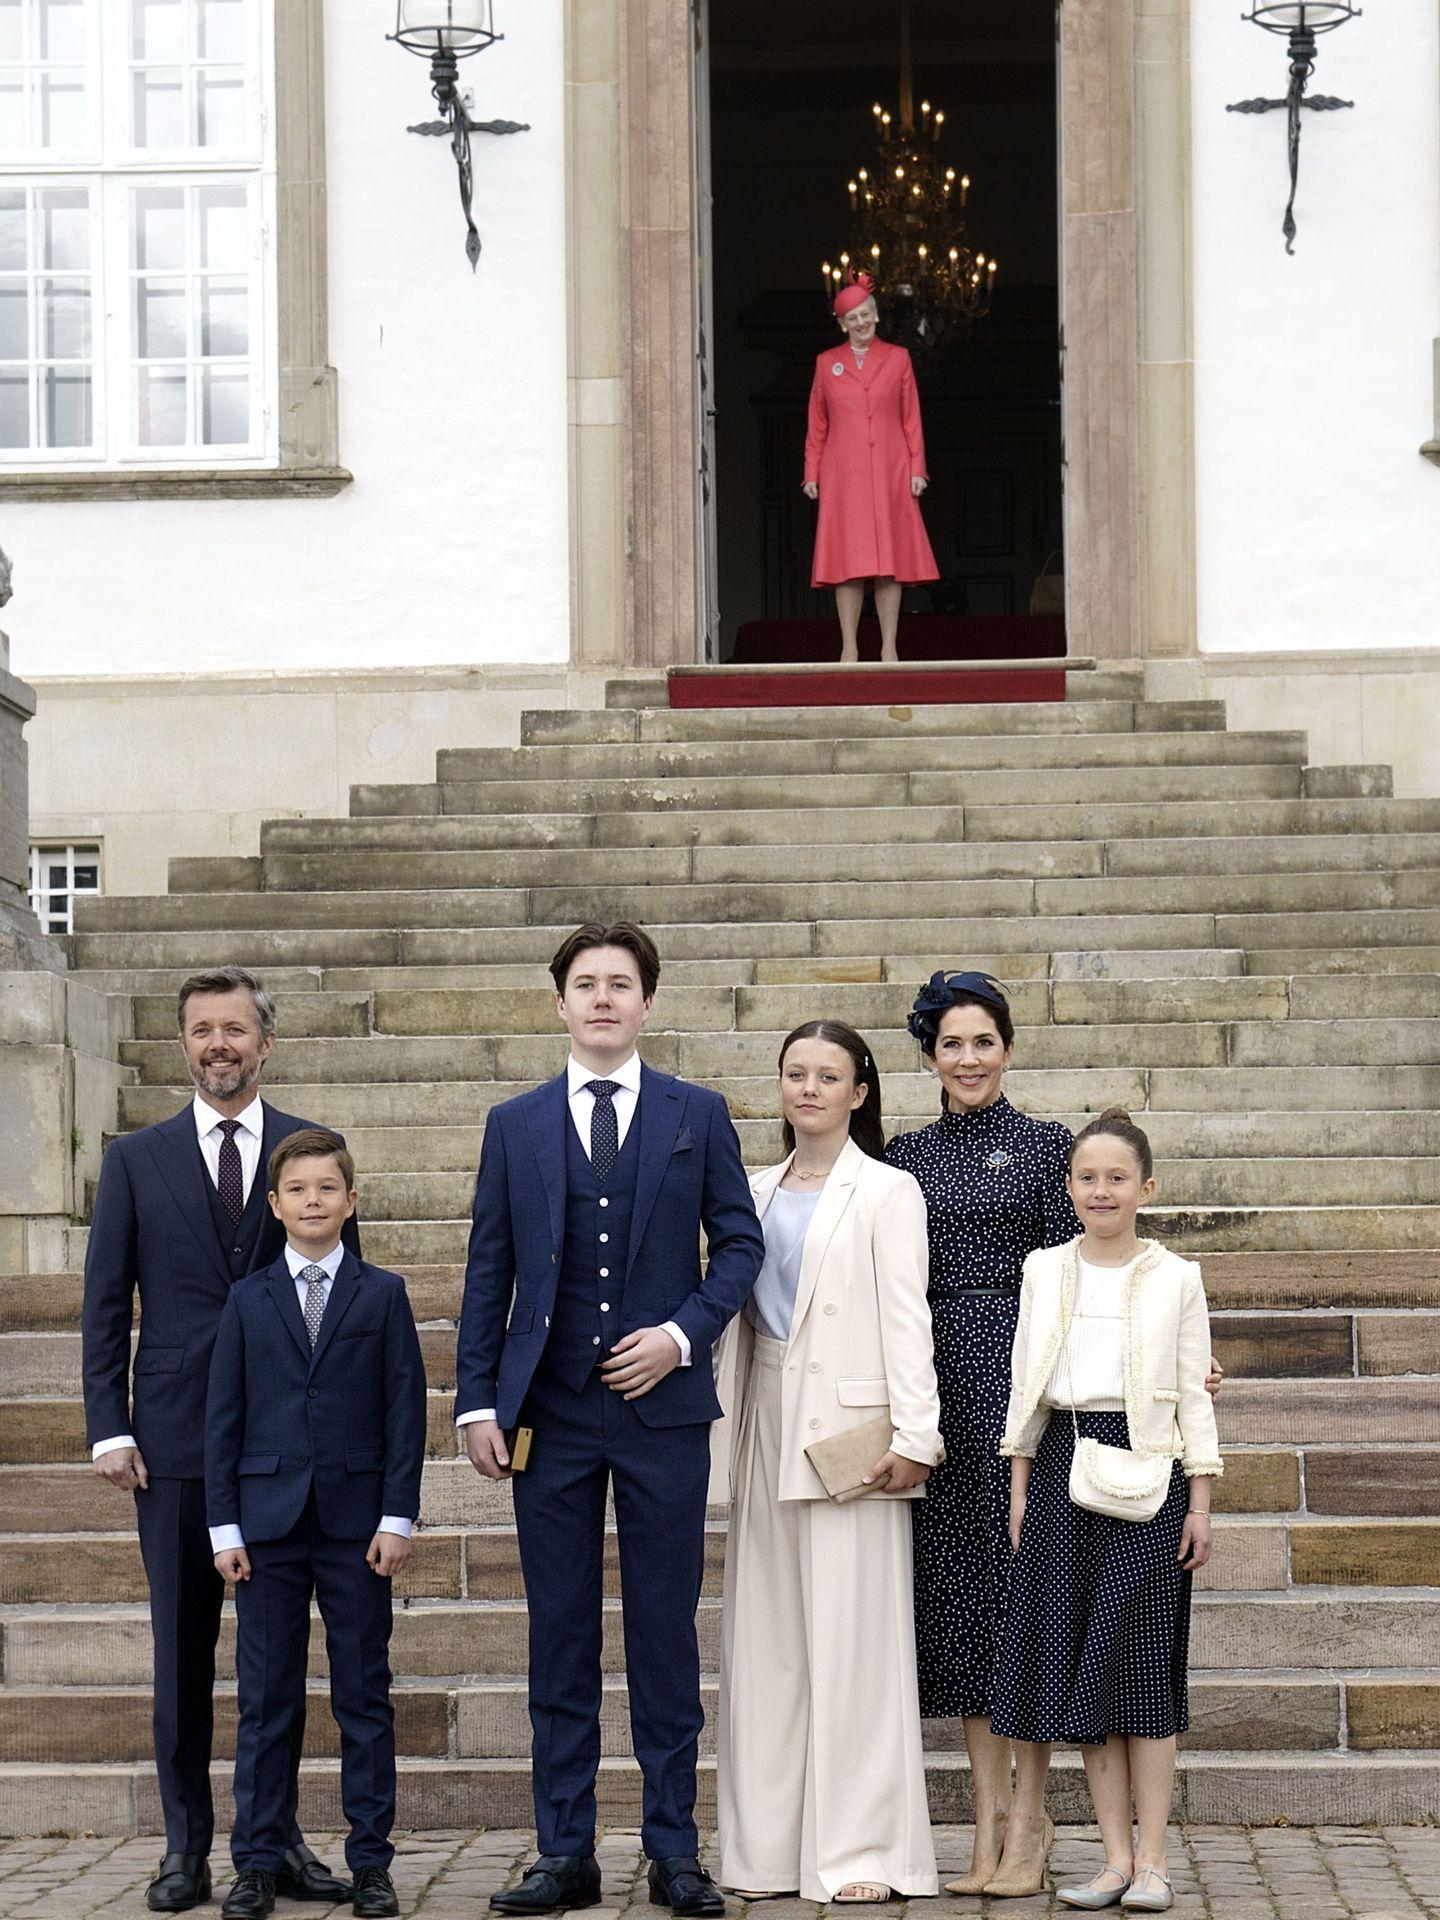 Christian de Dinamarca y su familia posan ante la puerta de la abadía donde les espera la reina Margarita. (EFE)